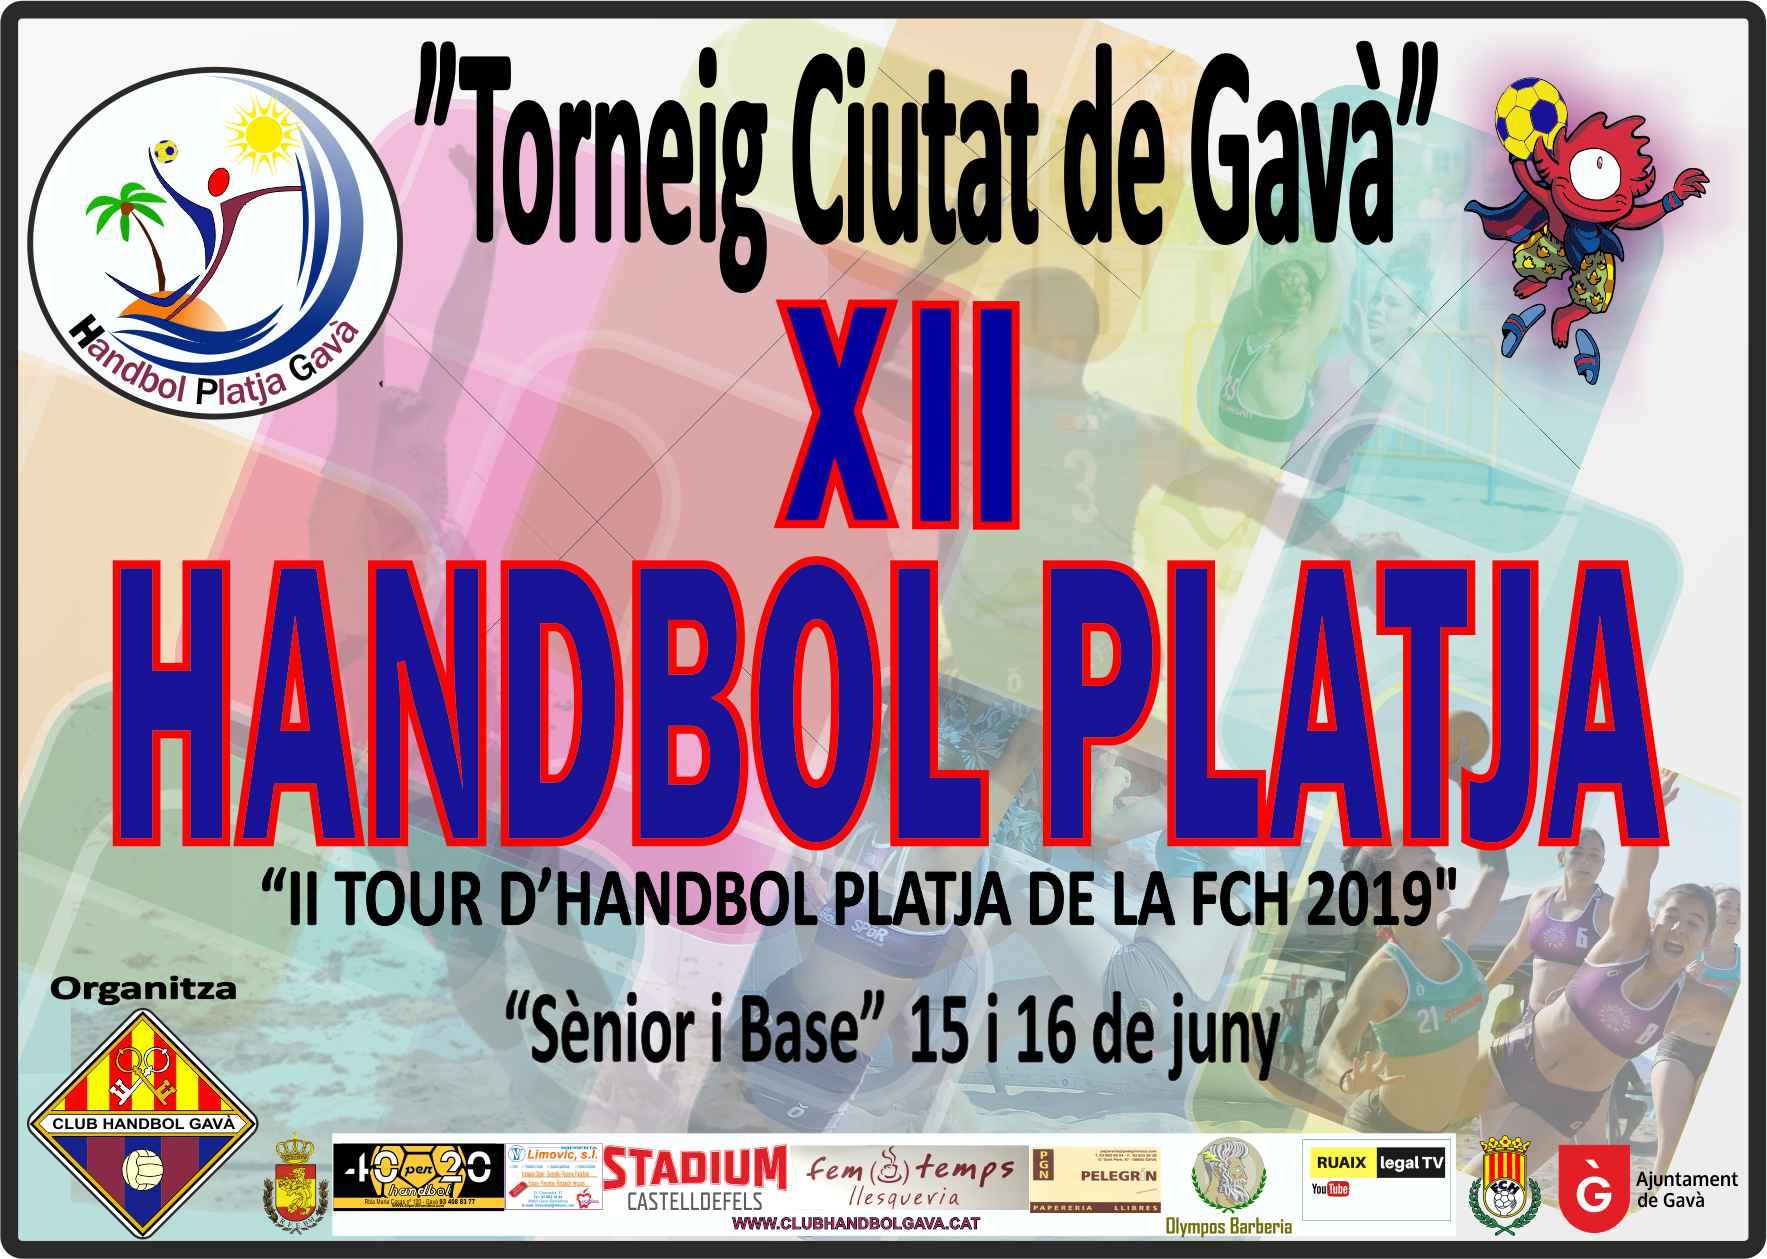 Torneig Ciutat de Gavà 15 i 16 de juny de 2019